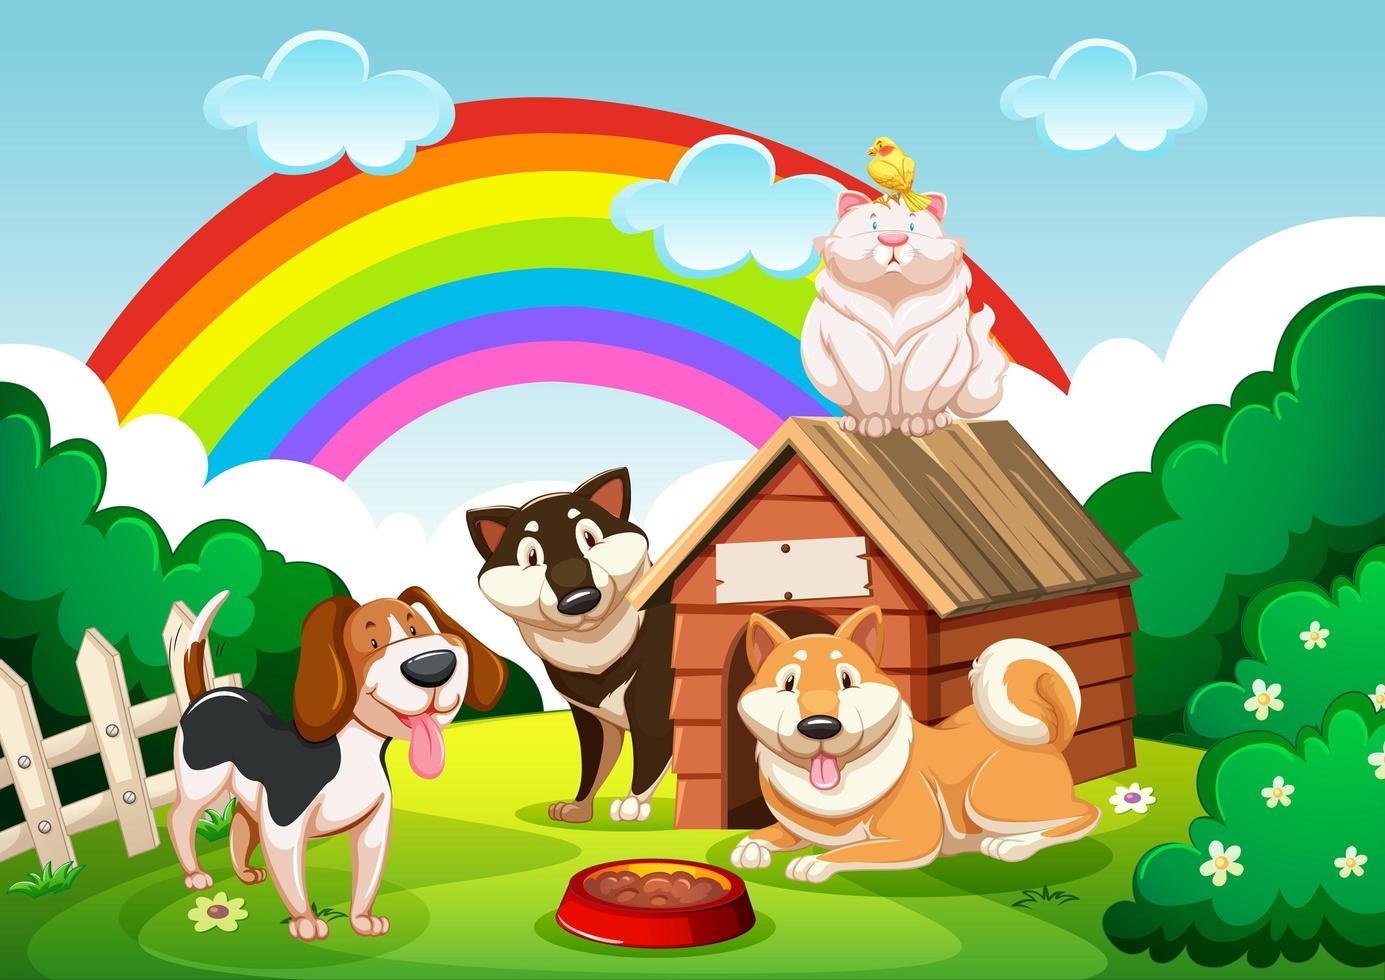 hundgrupp och en katt i trädgården med regnbågescenen vektor